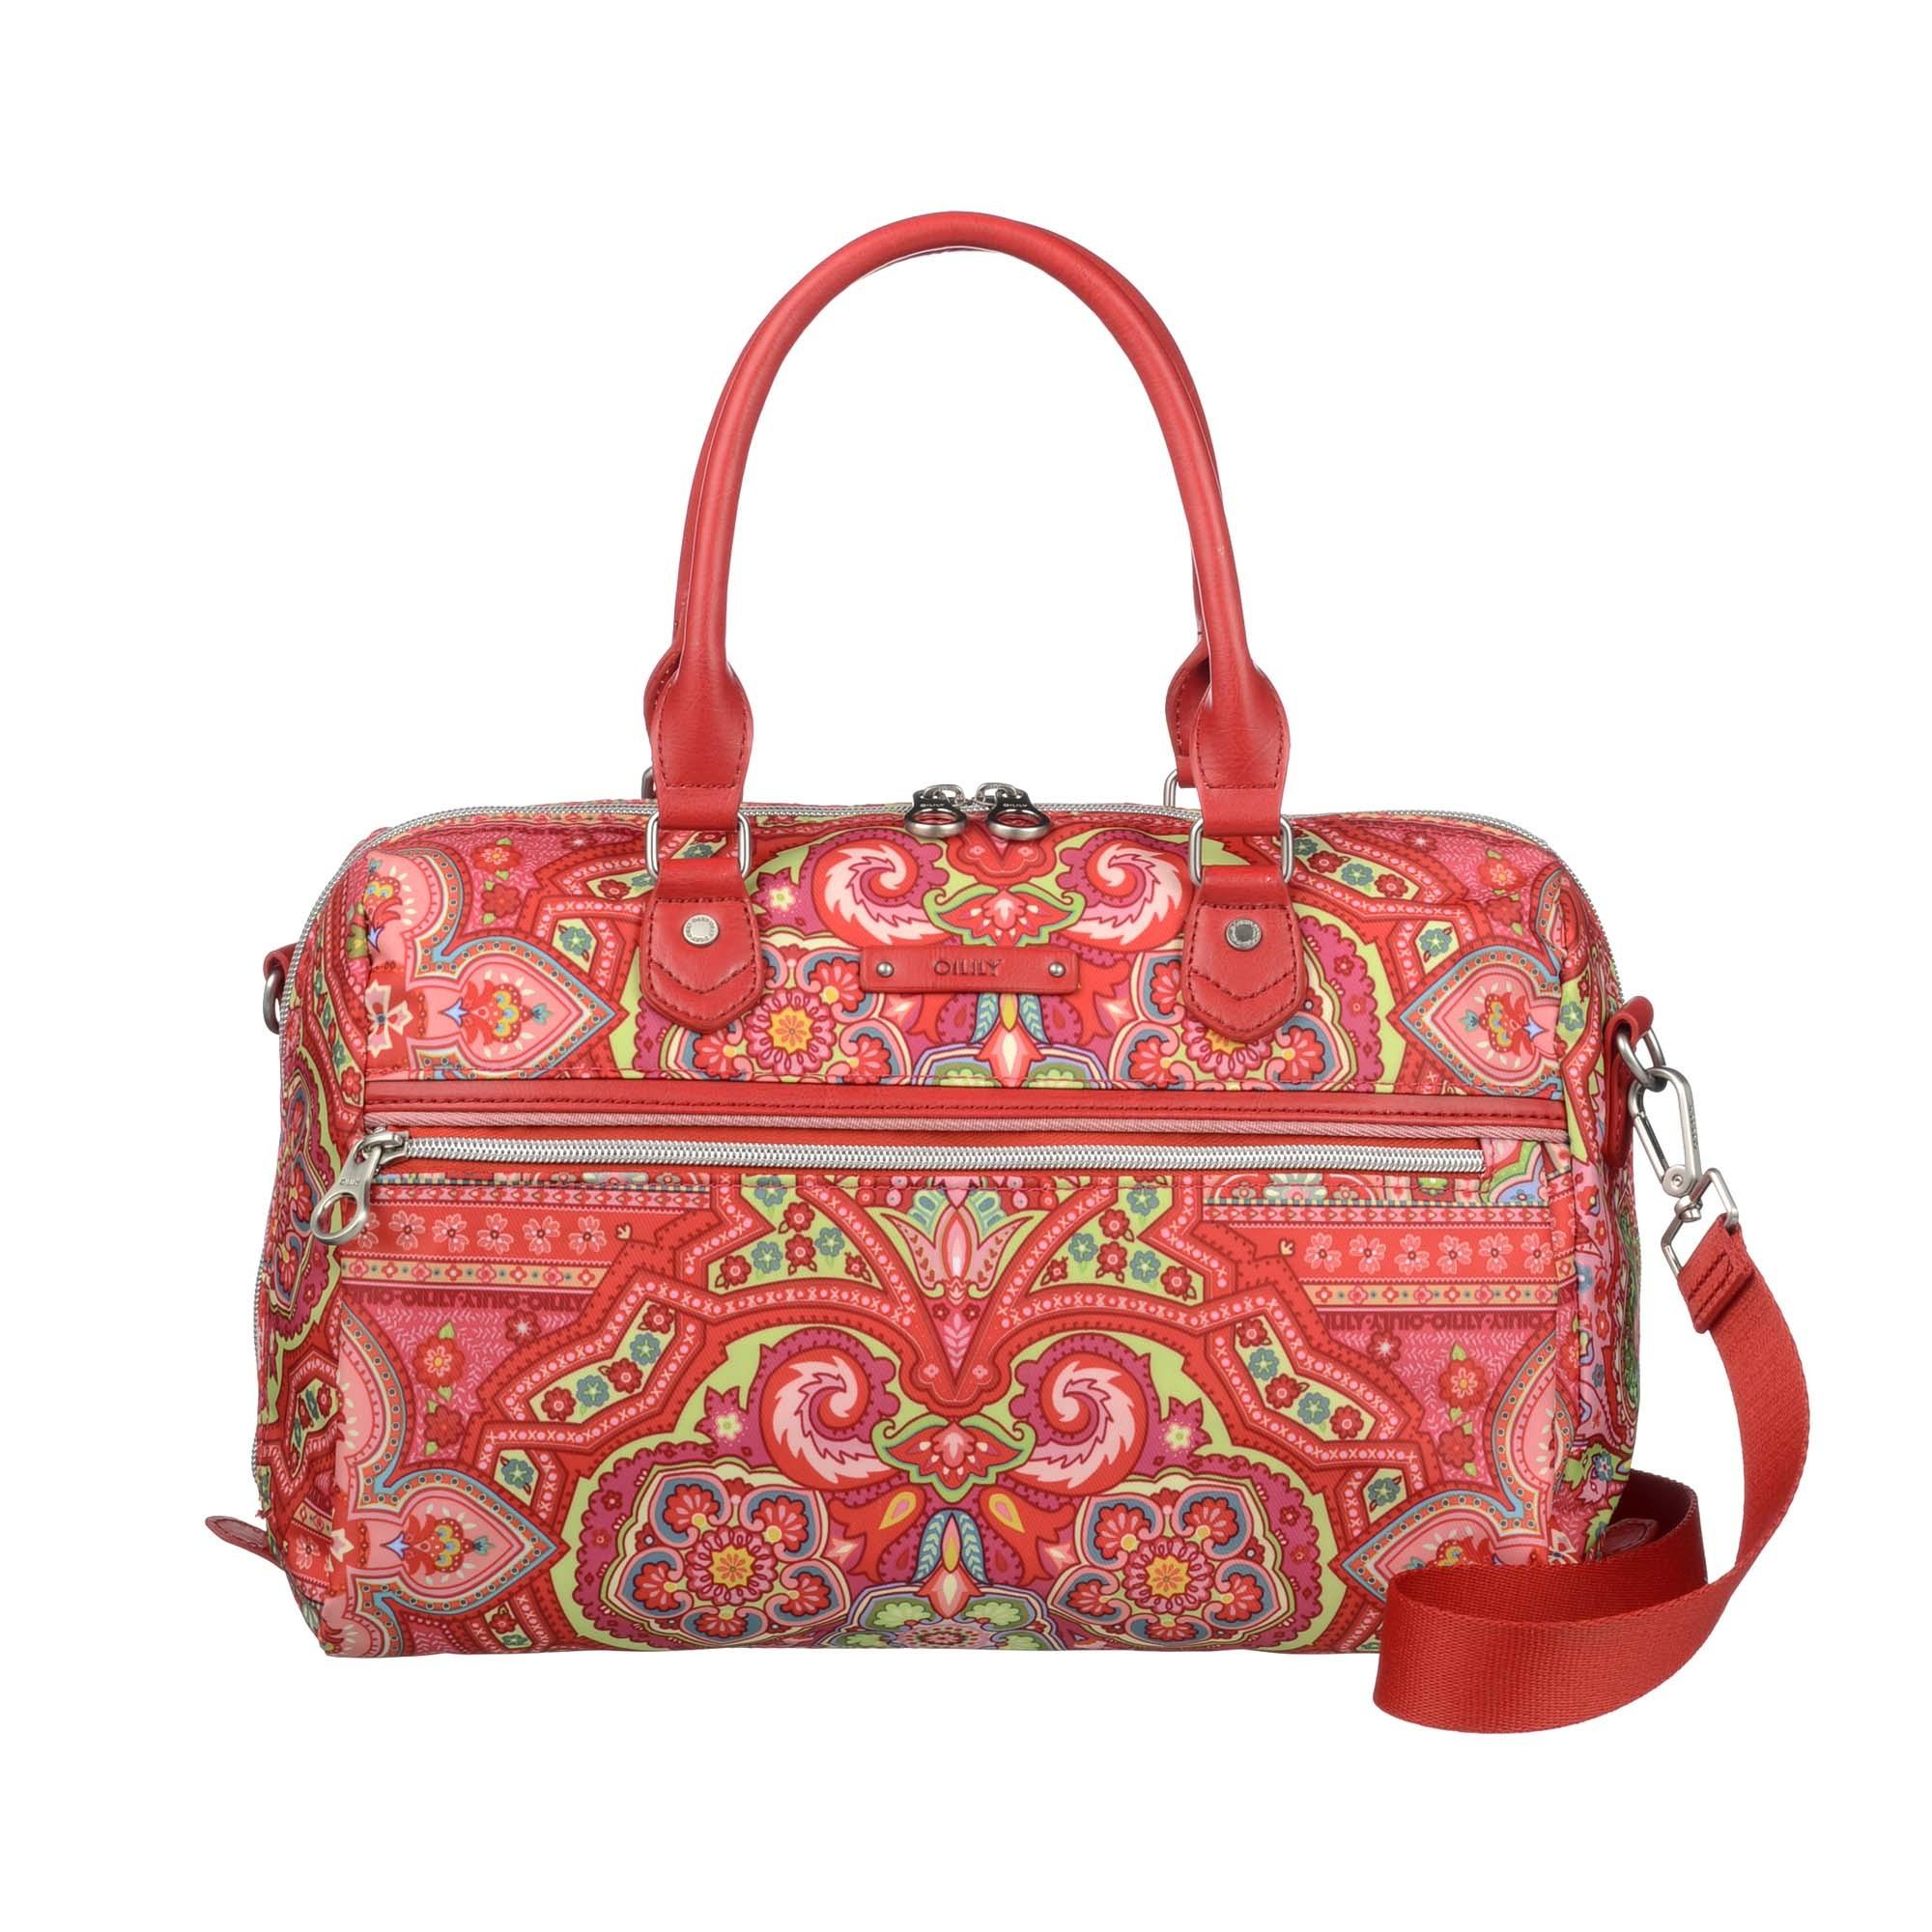 Oilily M Boston Bag Handtasche Spring Ovation in 4 Farben ...